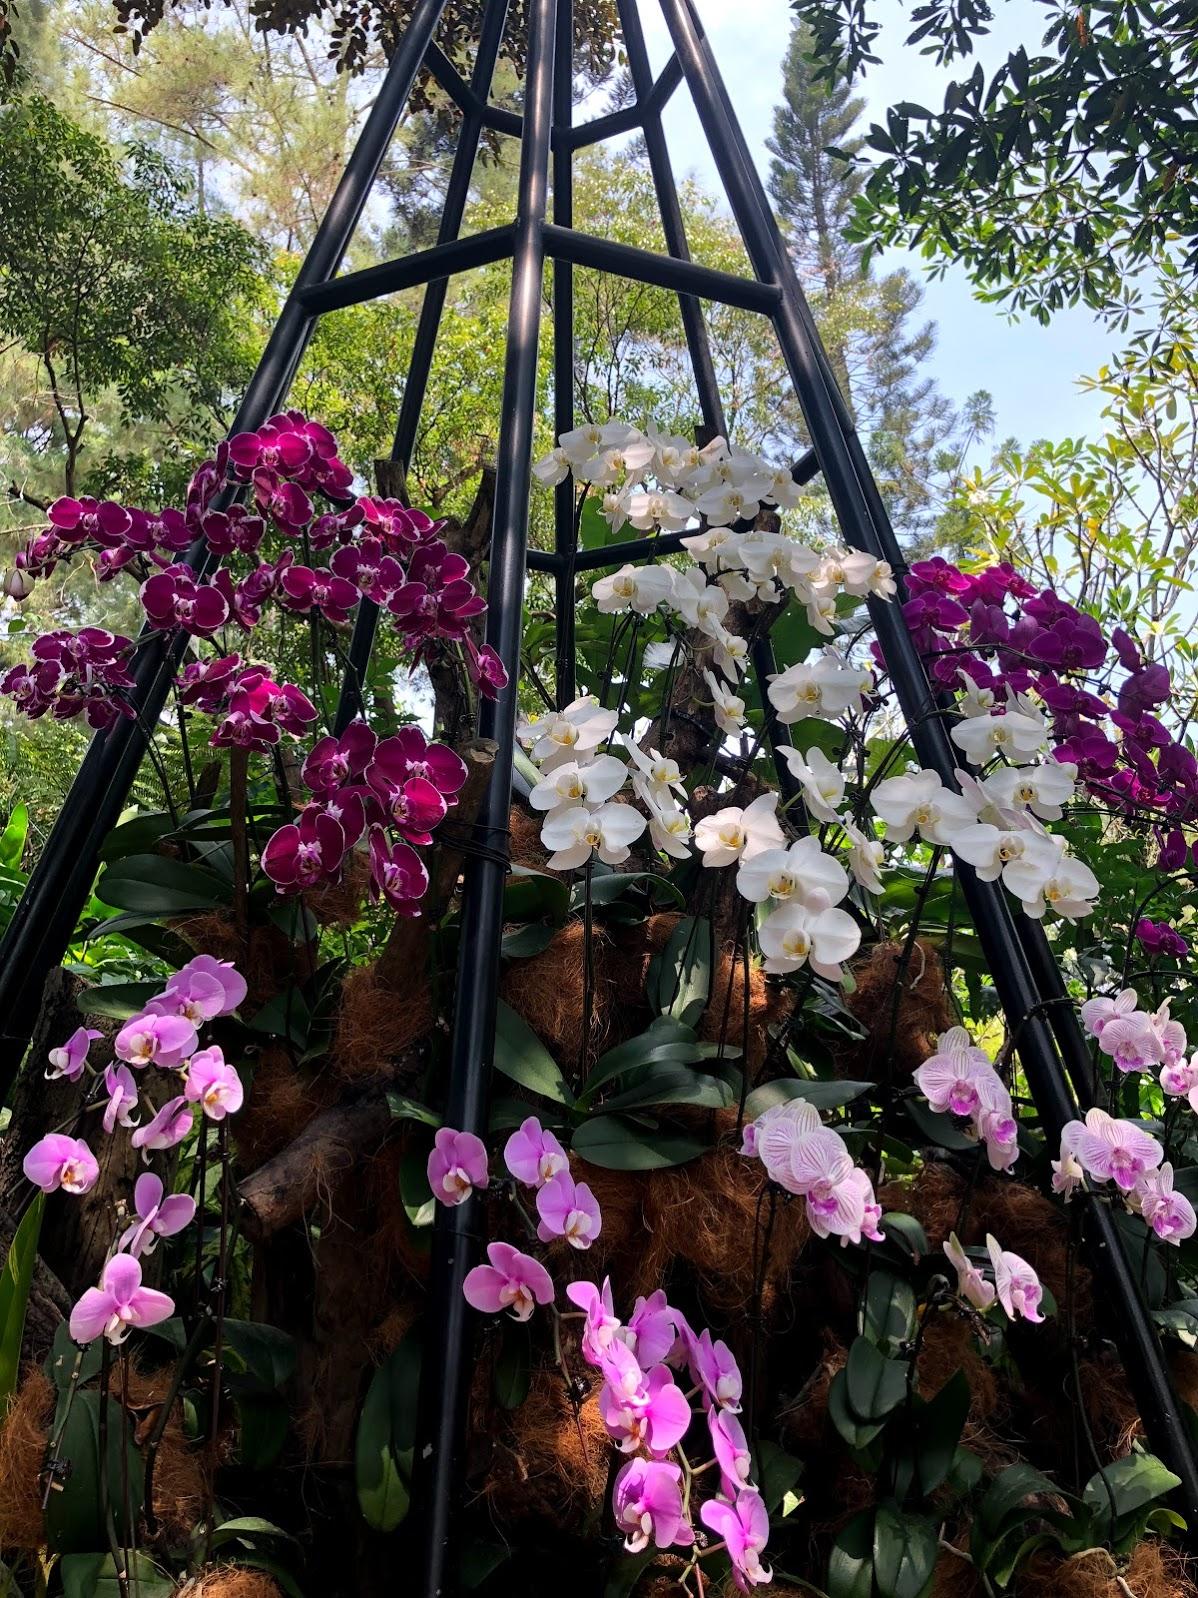 Pude ver a las orquídeas de cerca en el jardín de orquídeas.